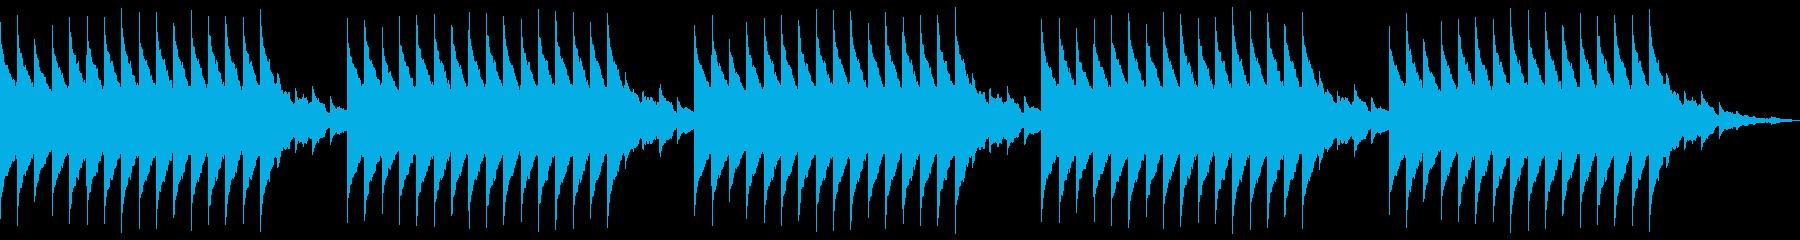 目覚ましアラーム リンリン 150BPMの再生済みの波形